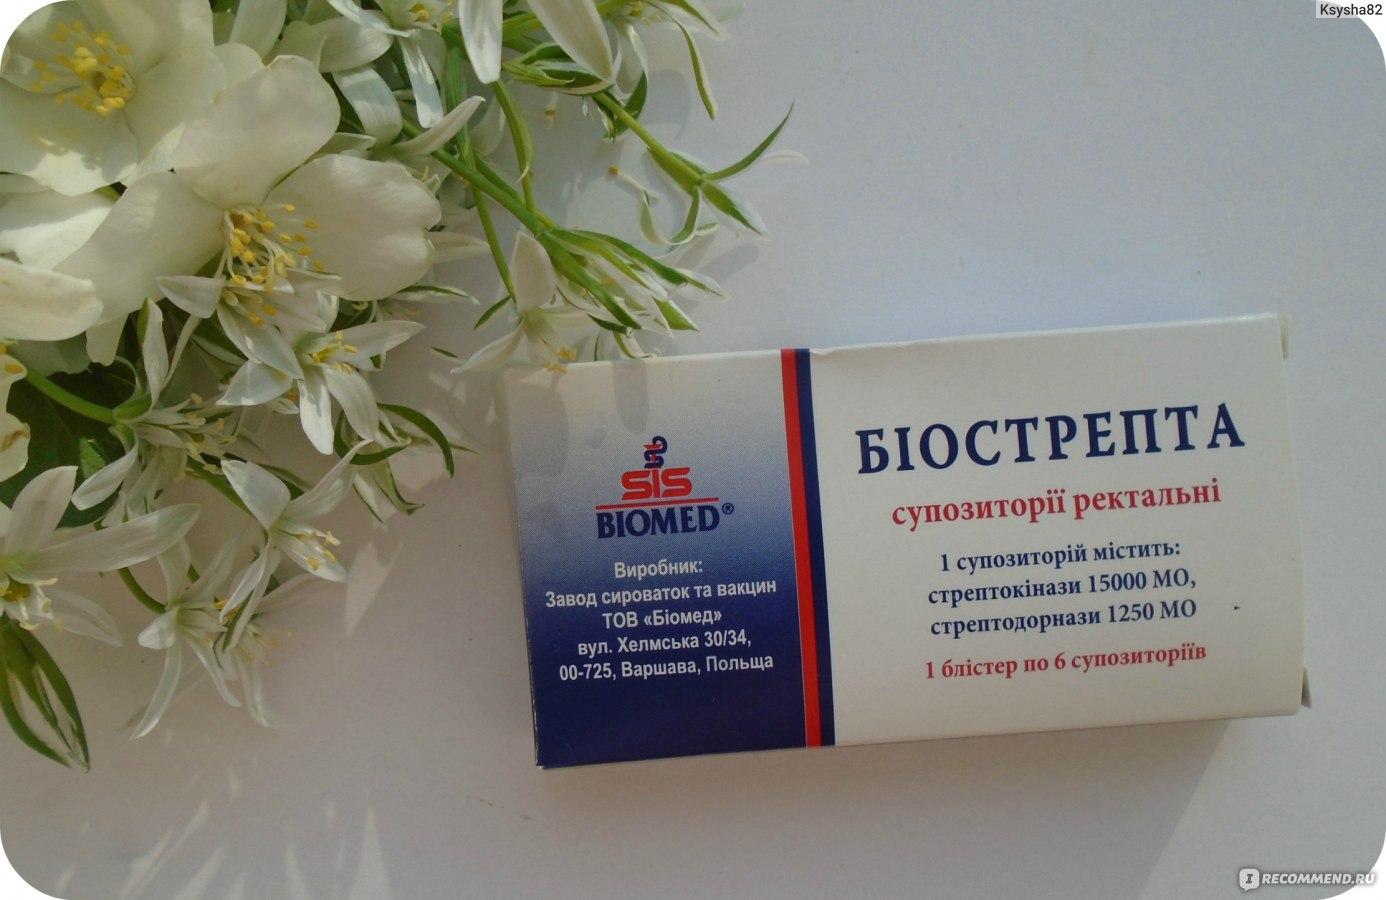 Биострепта при простатите лечение простатита аппаратом витафон отзывы